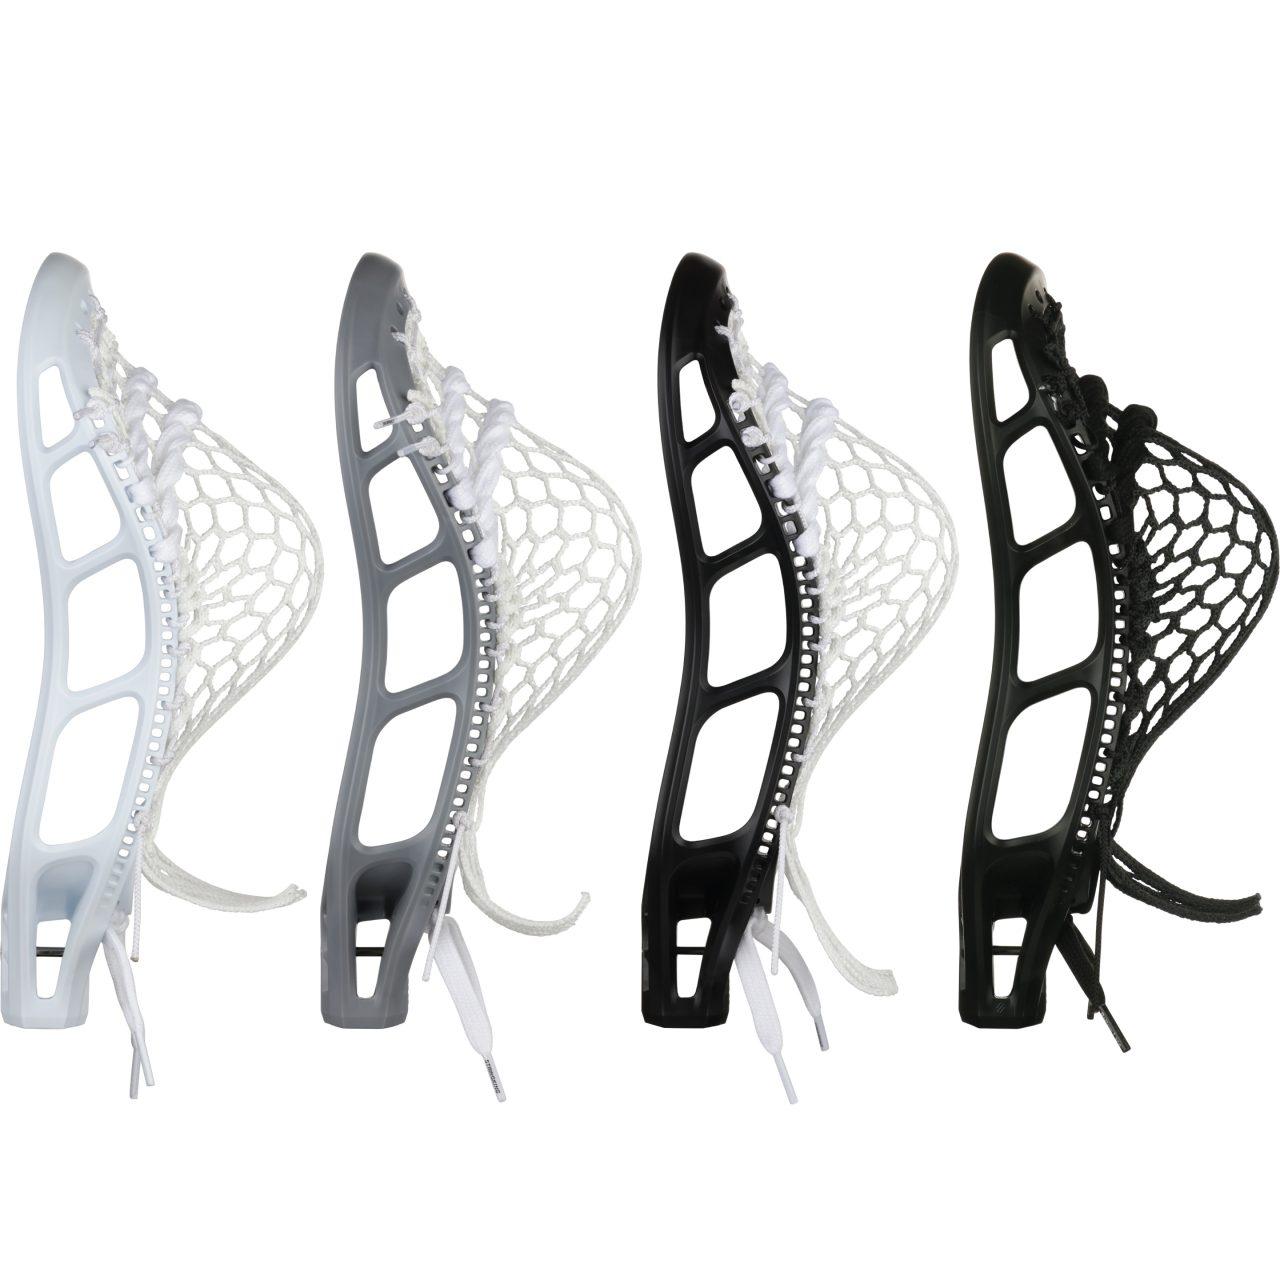 StringKing Mark 2D Defense Lacrosse Head Strung Pocket Color Options